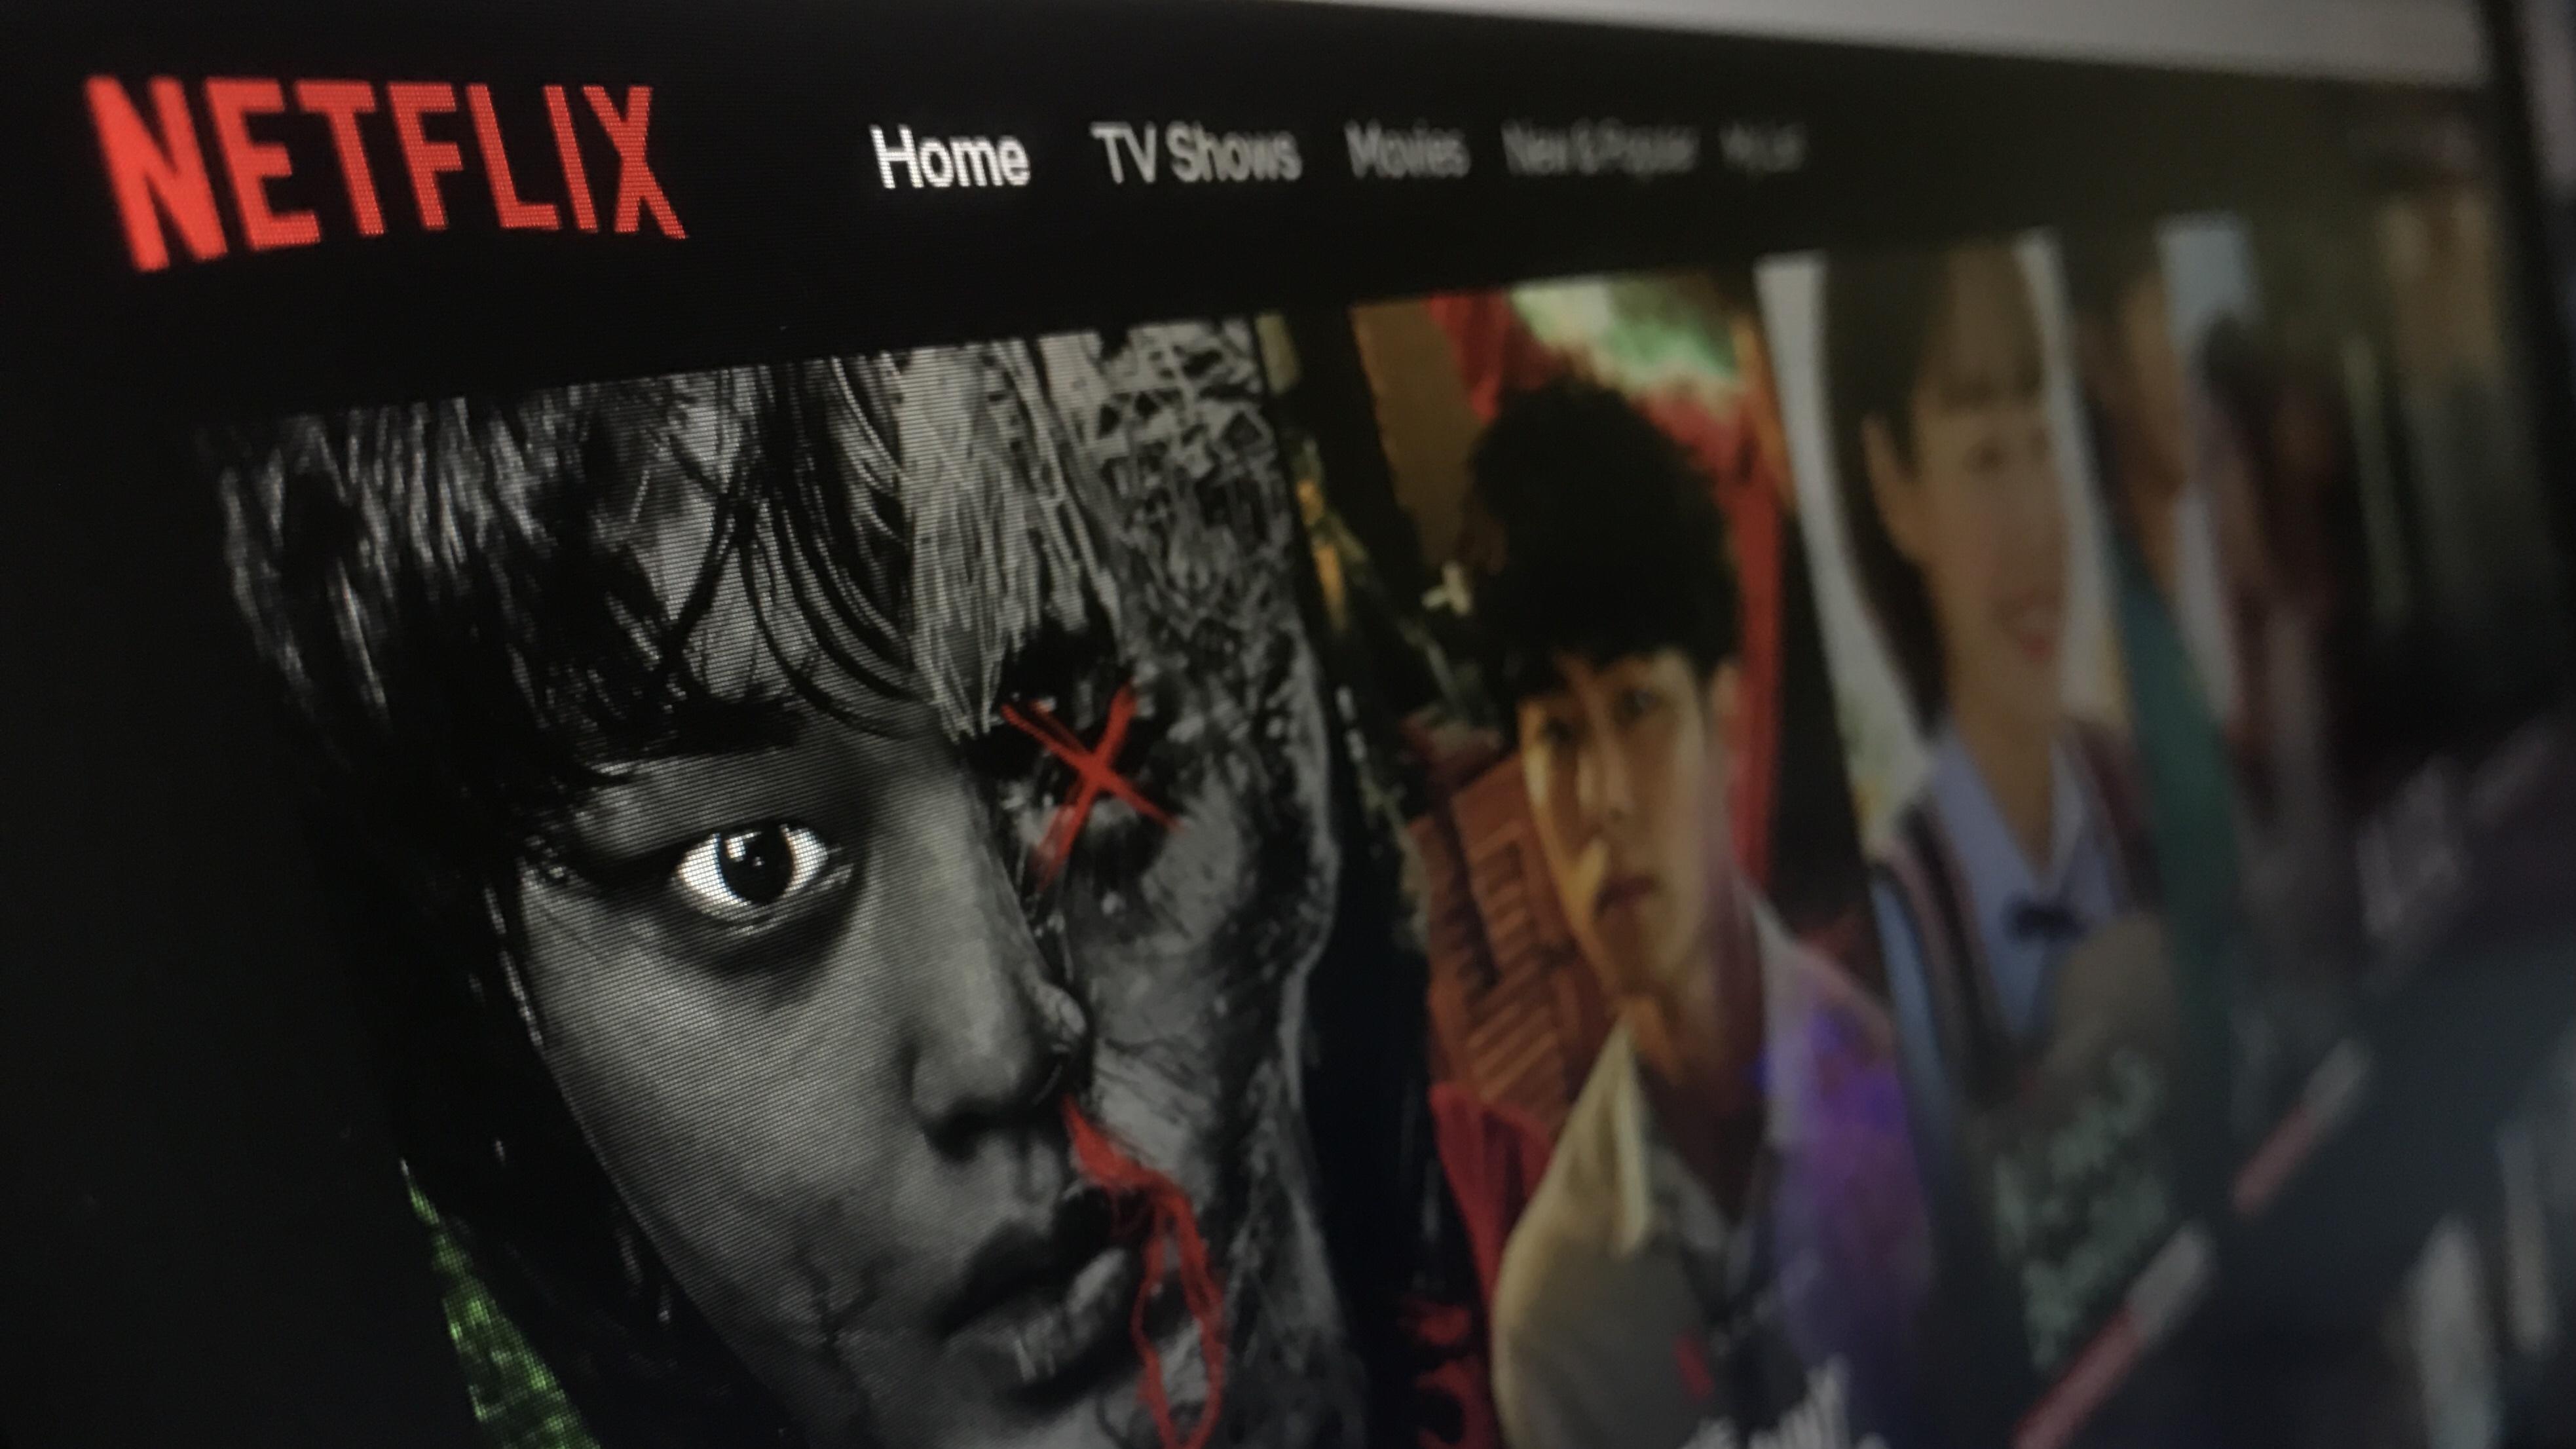 cukai perkhidmatan digital Netflix